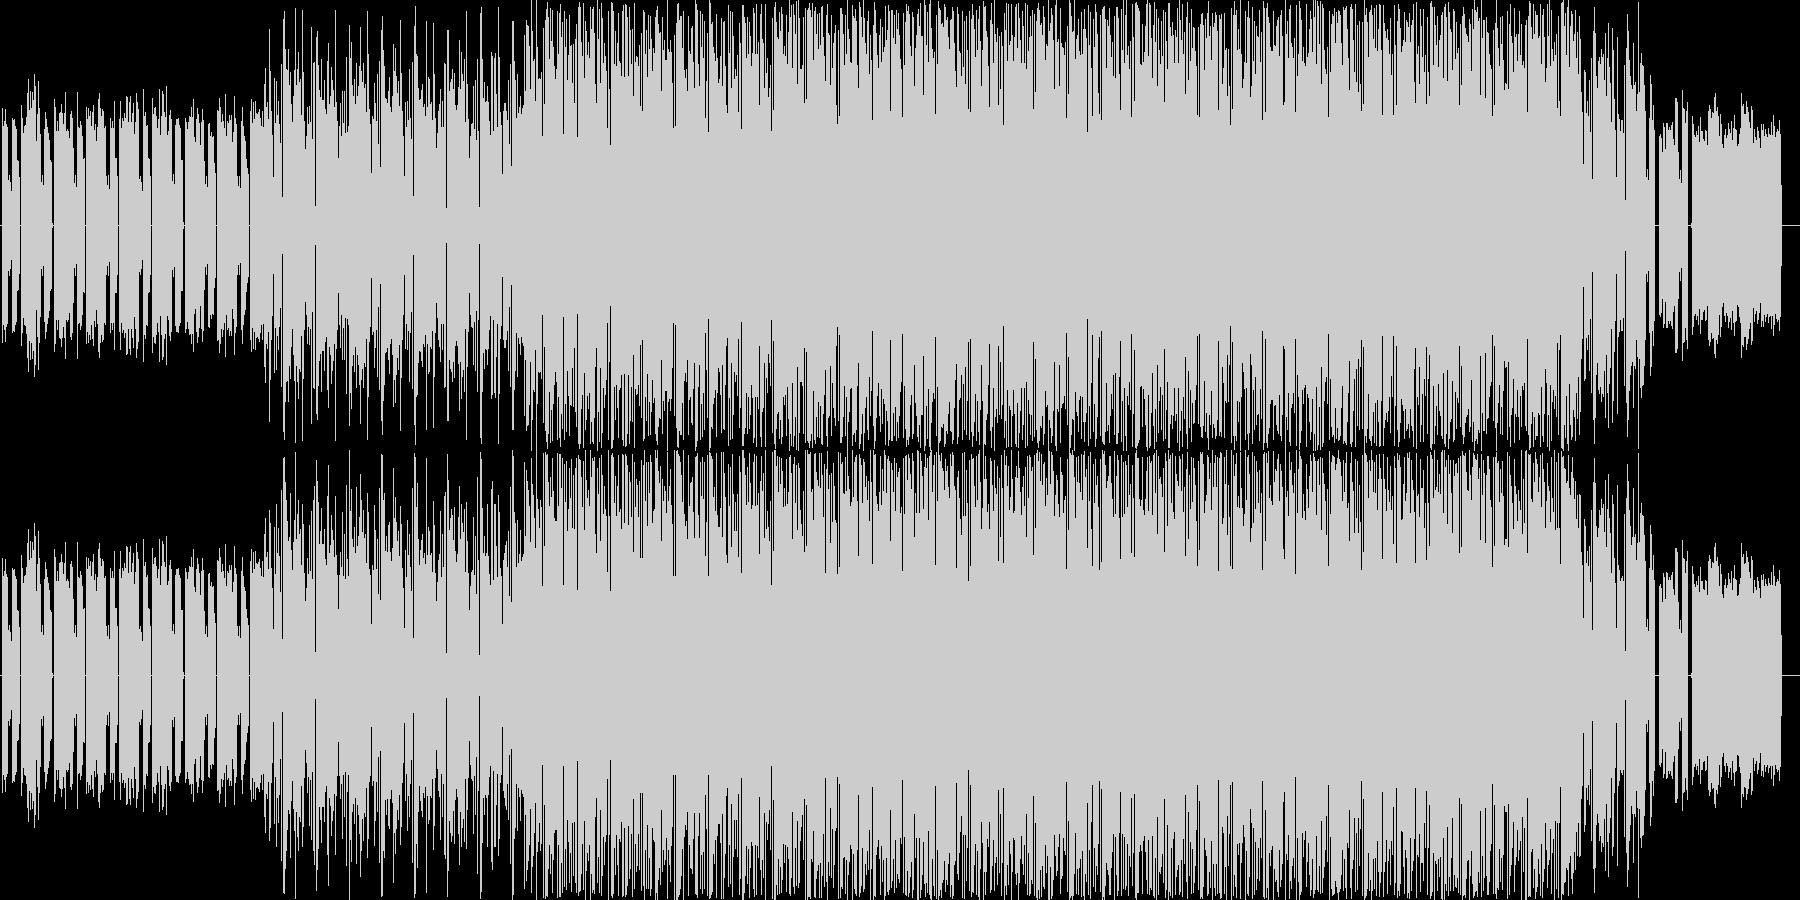 暖かみとデジタル感のあるエレクトロニカの未再生の波形